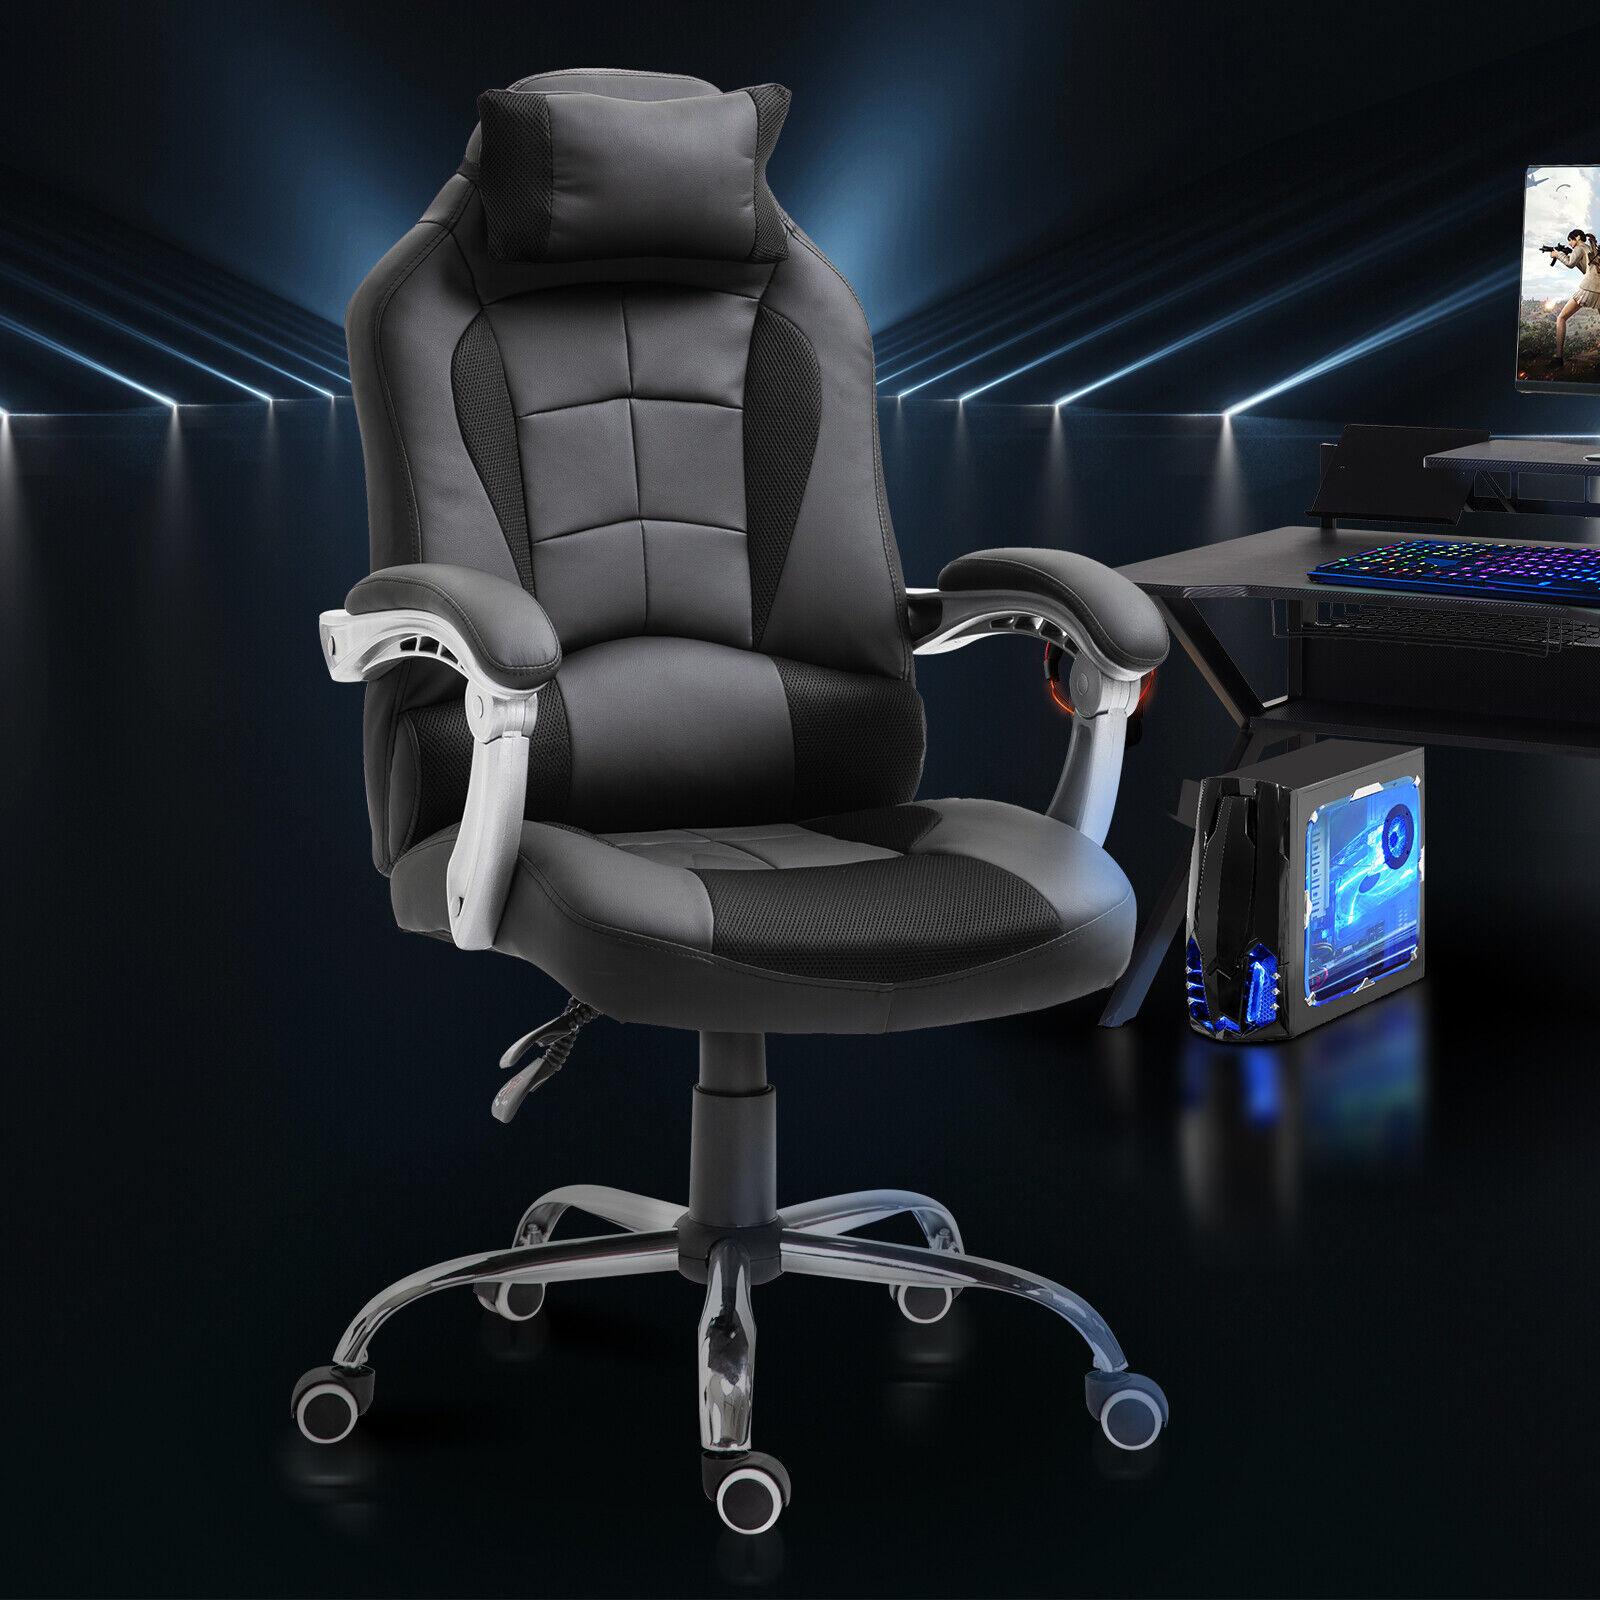 s l1600 - Gaming Silla Reclinable hasta 130°con Reposacabezas Cojín Grosor 10cm